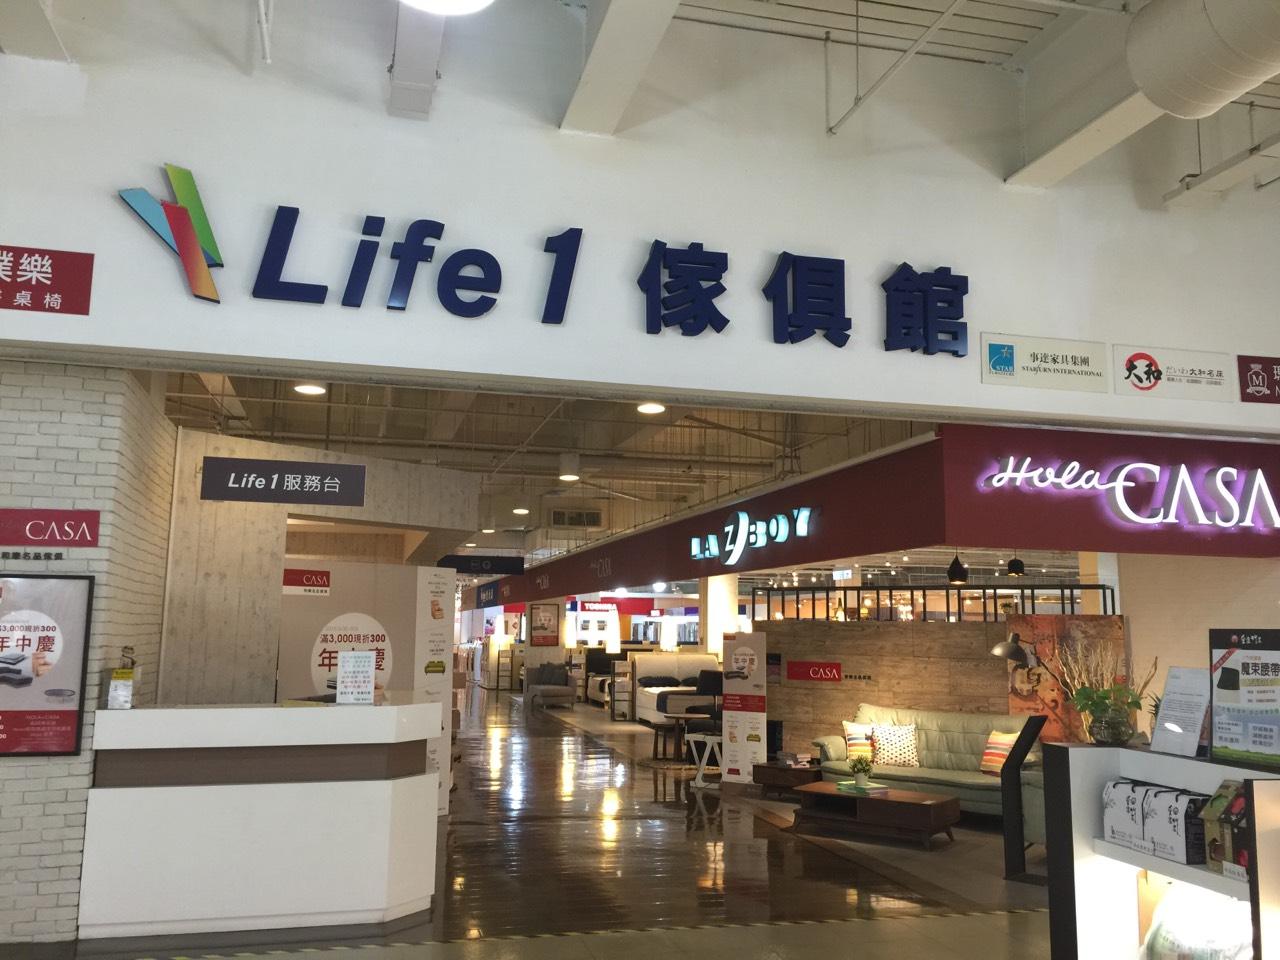 高雄市左營【Life1生活廣場】